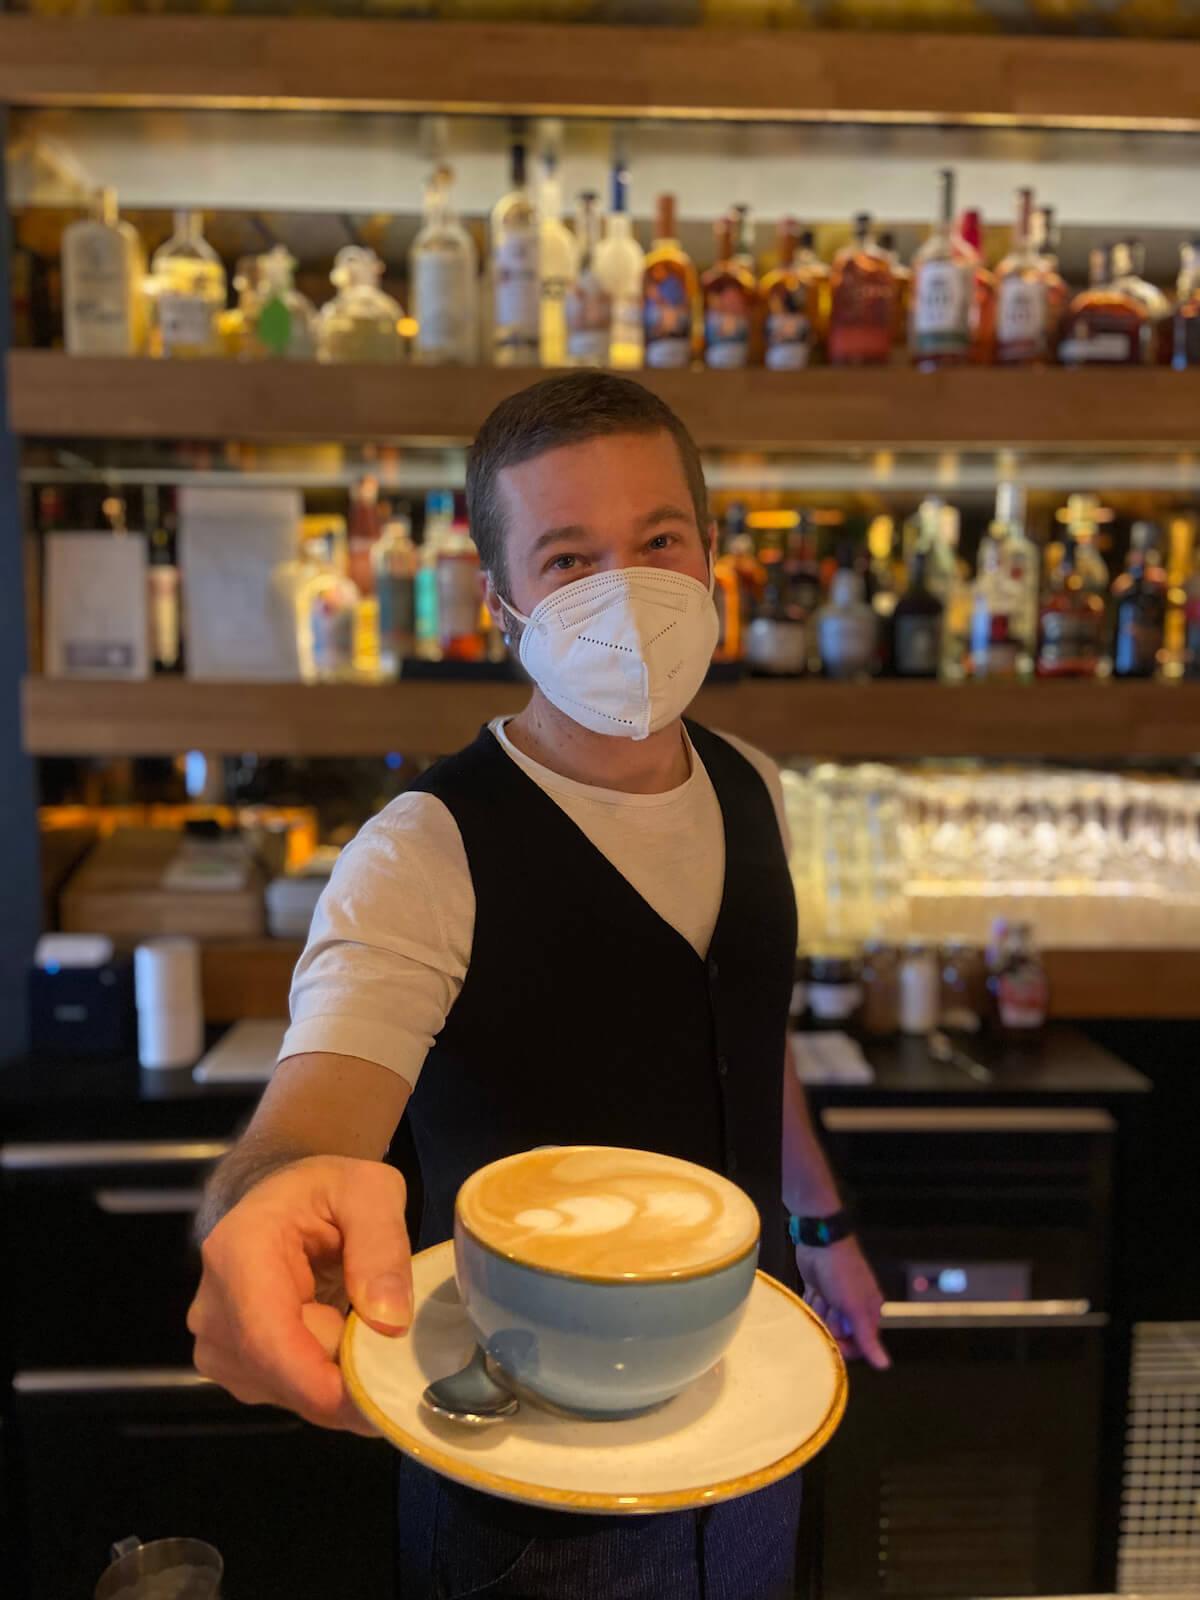 Breakfast-Café Manager Jared Goldman